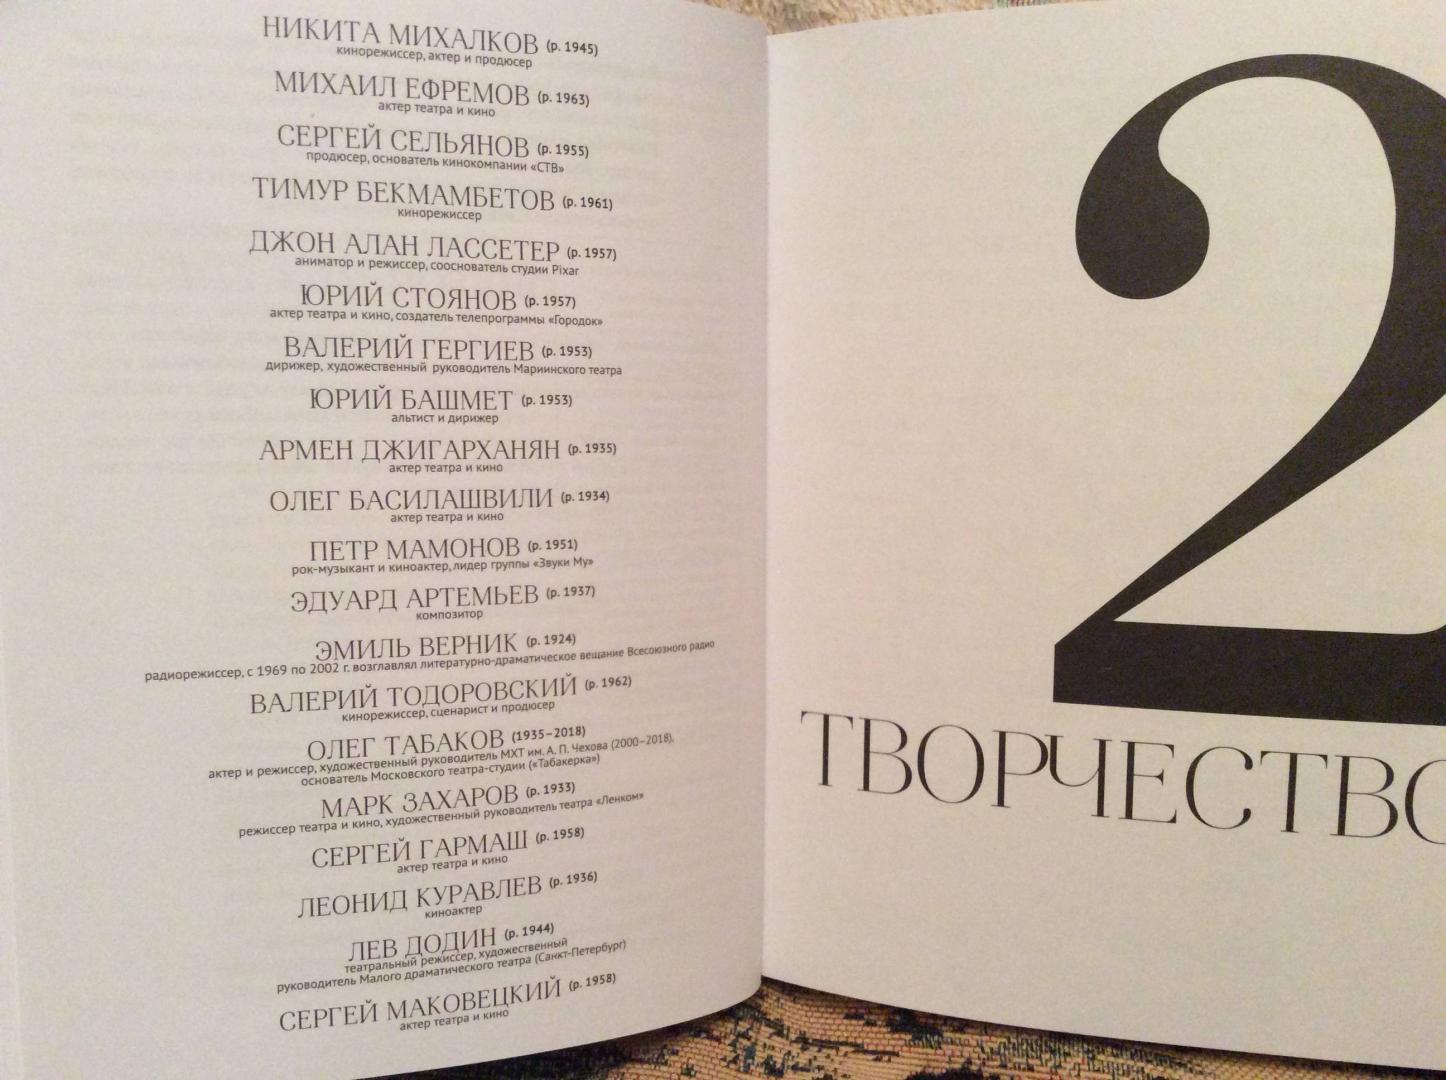 Иллюстрация 17 из 42 для Важные вещи. Диалоги о любви, успехе, свободе - Дарья Златопольская   Лабиринт - книги. Источник: Hellen